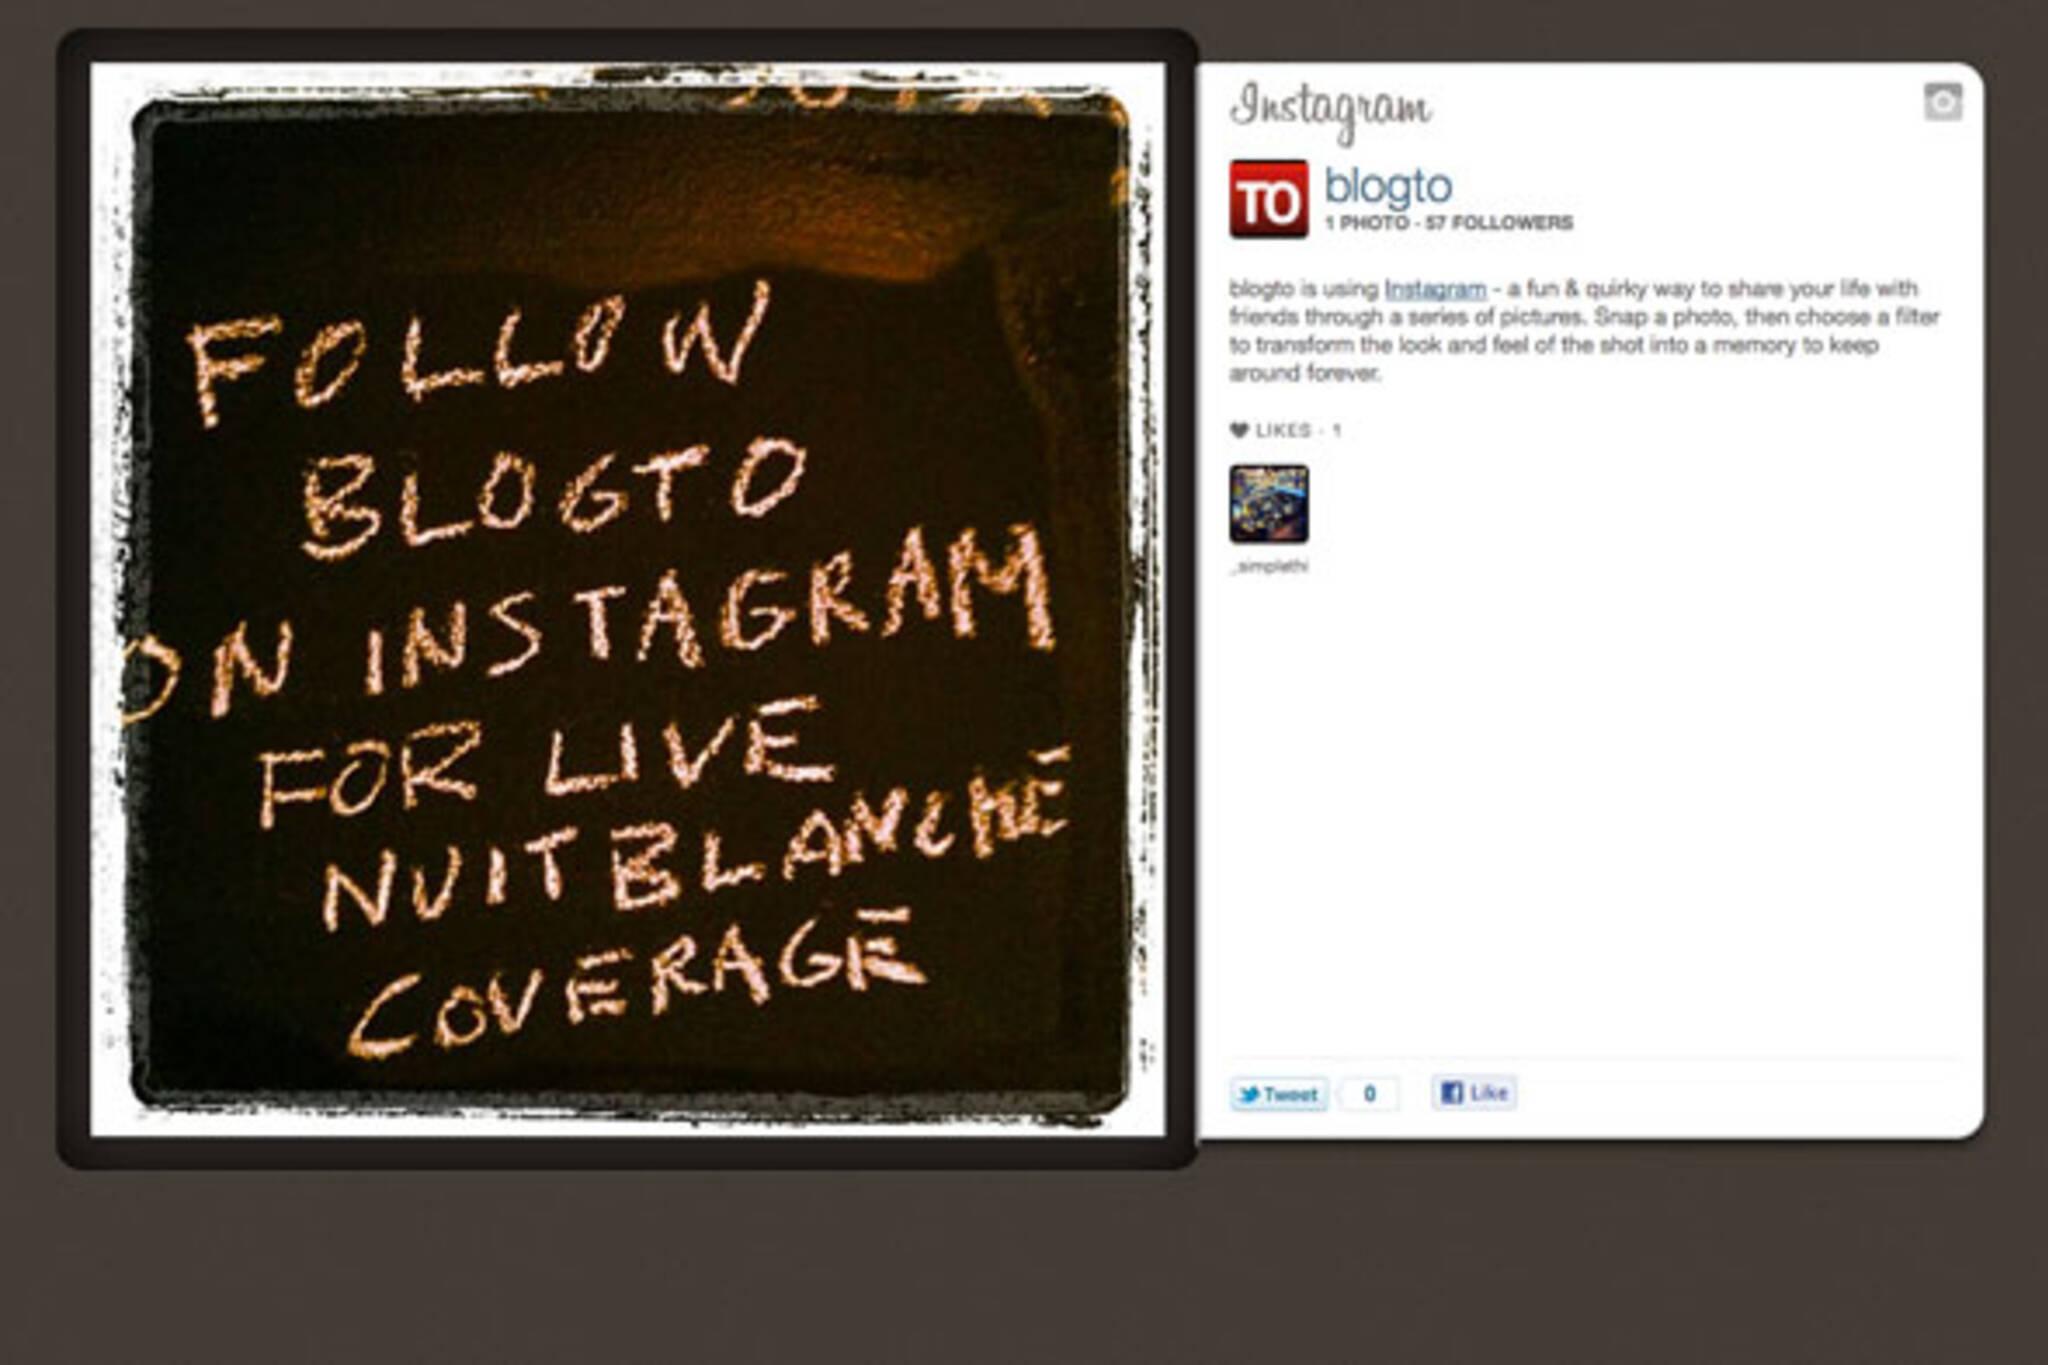 Instagram blogTO